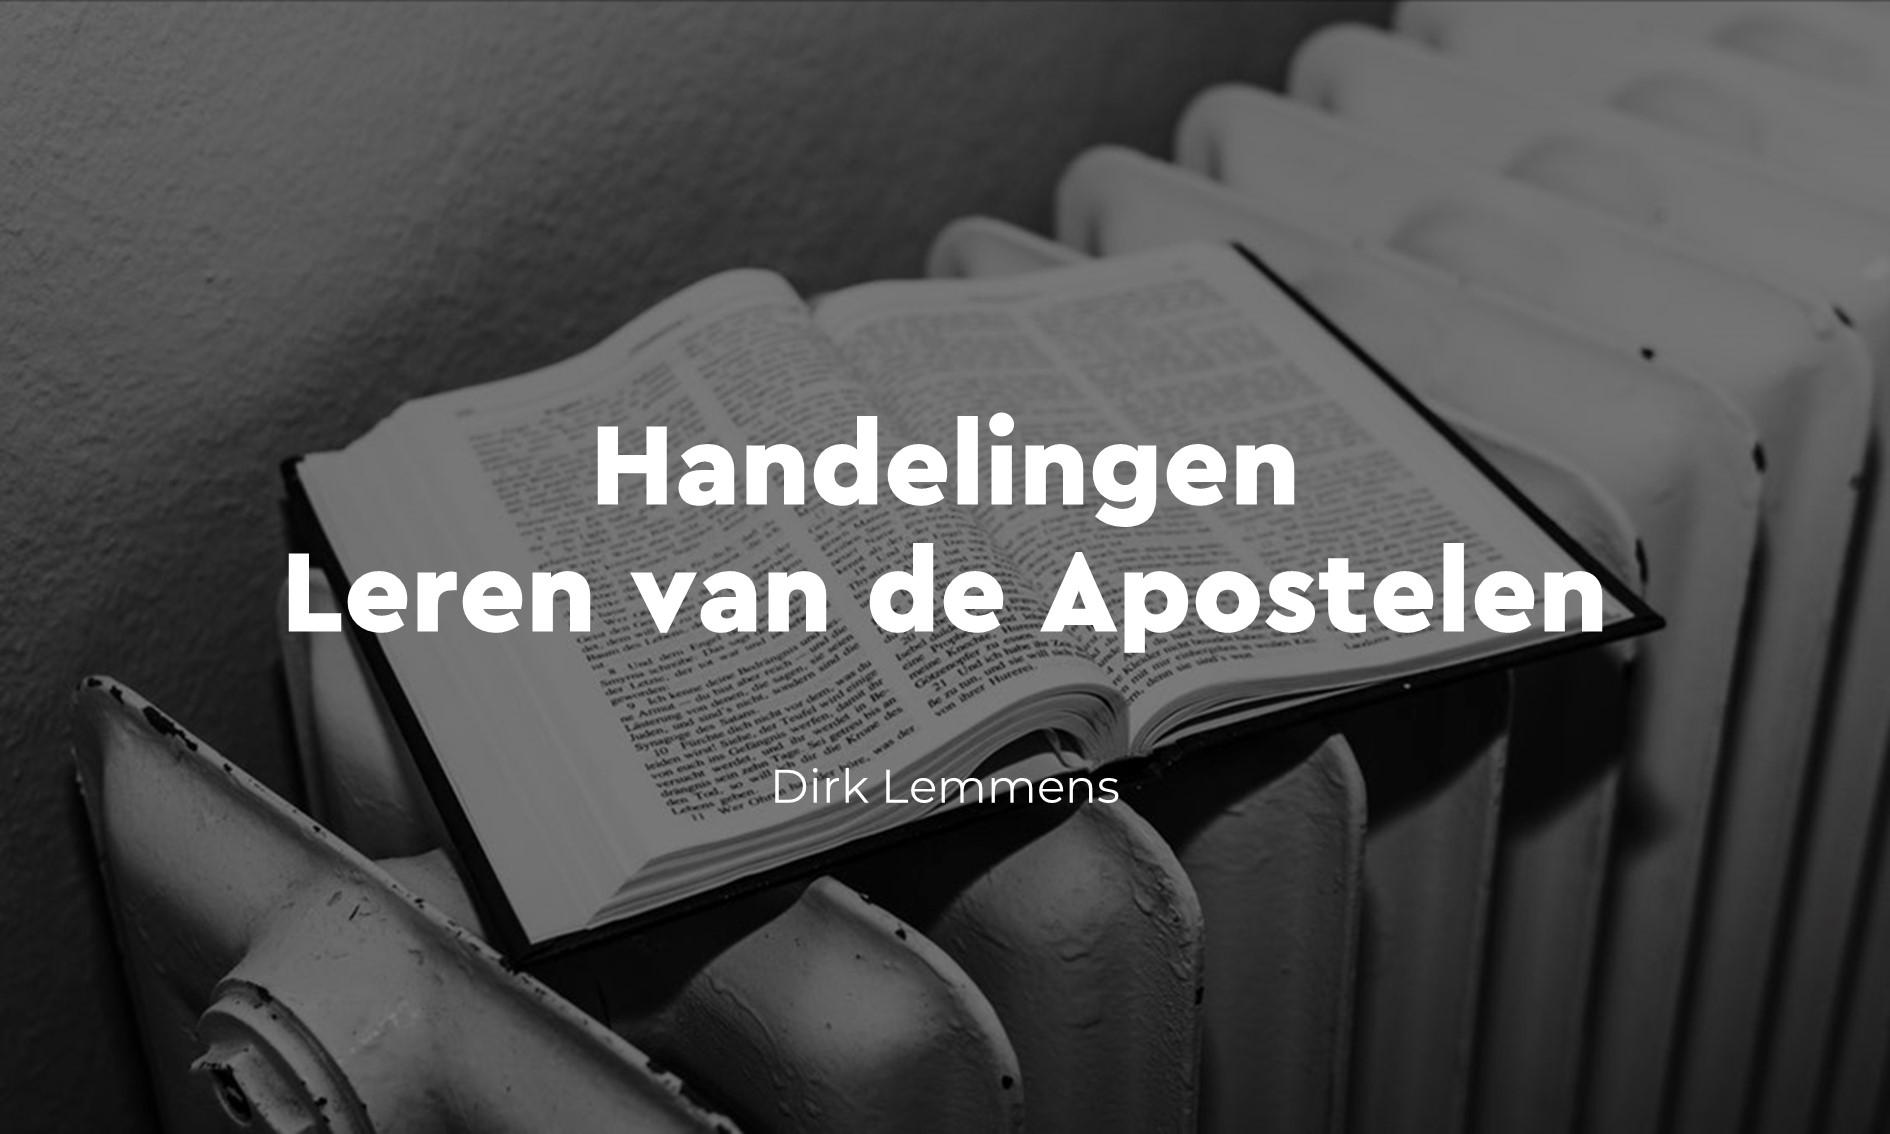 Handelingen van de Apostelen: voor nu